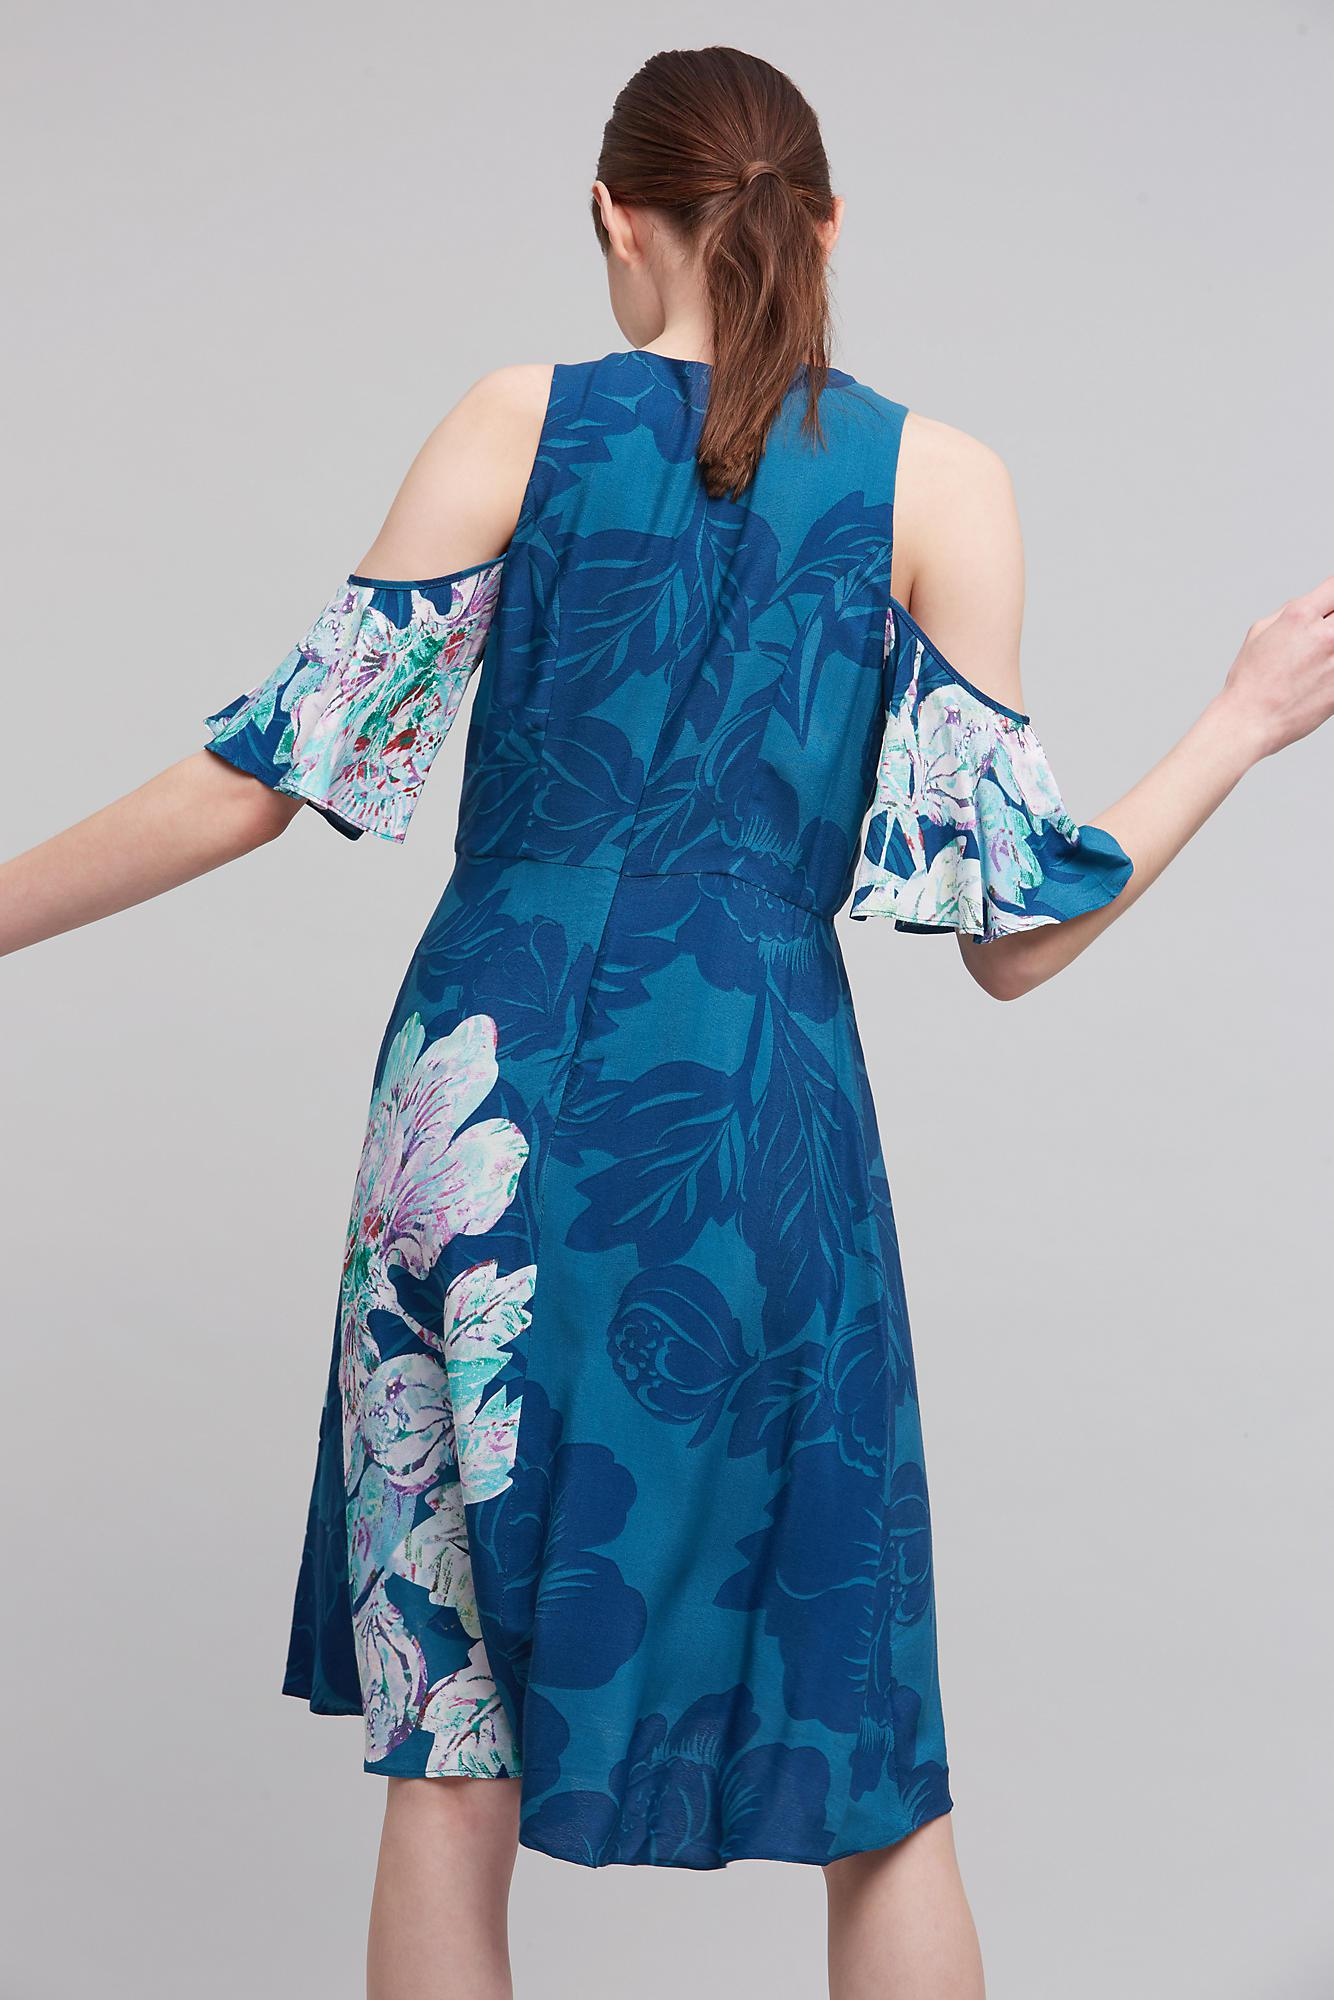 57fe47434301 Maeve Elia Open-shoulder Dress in Blue - Lyst